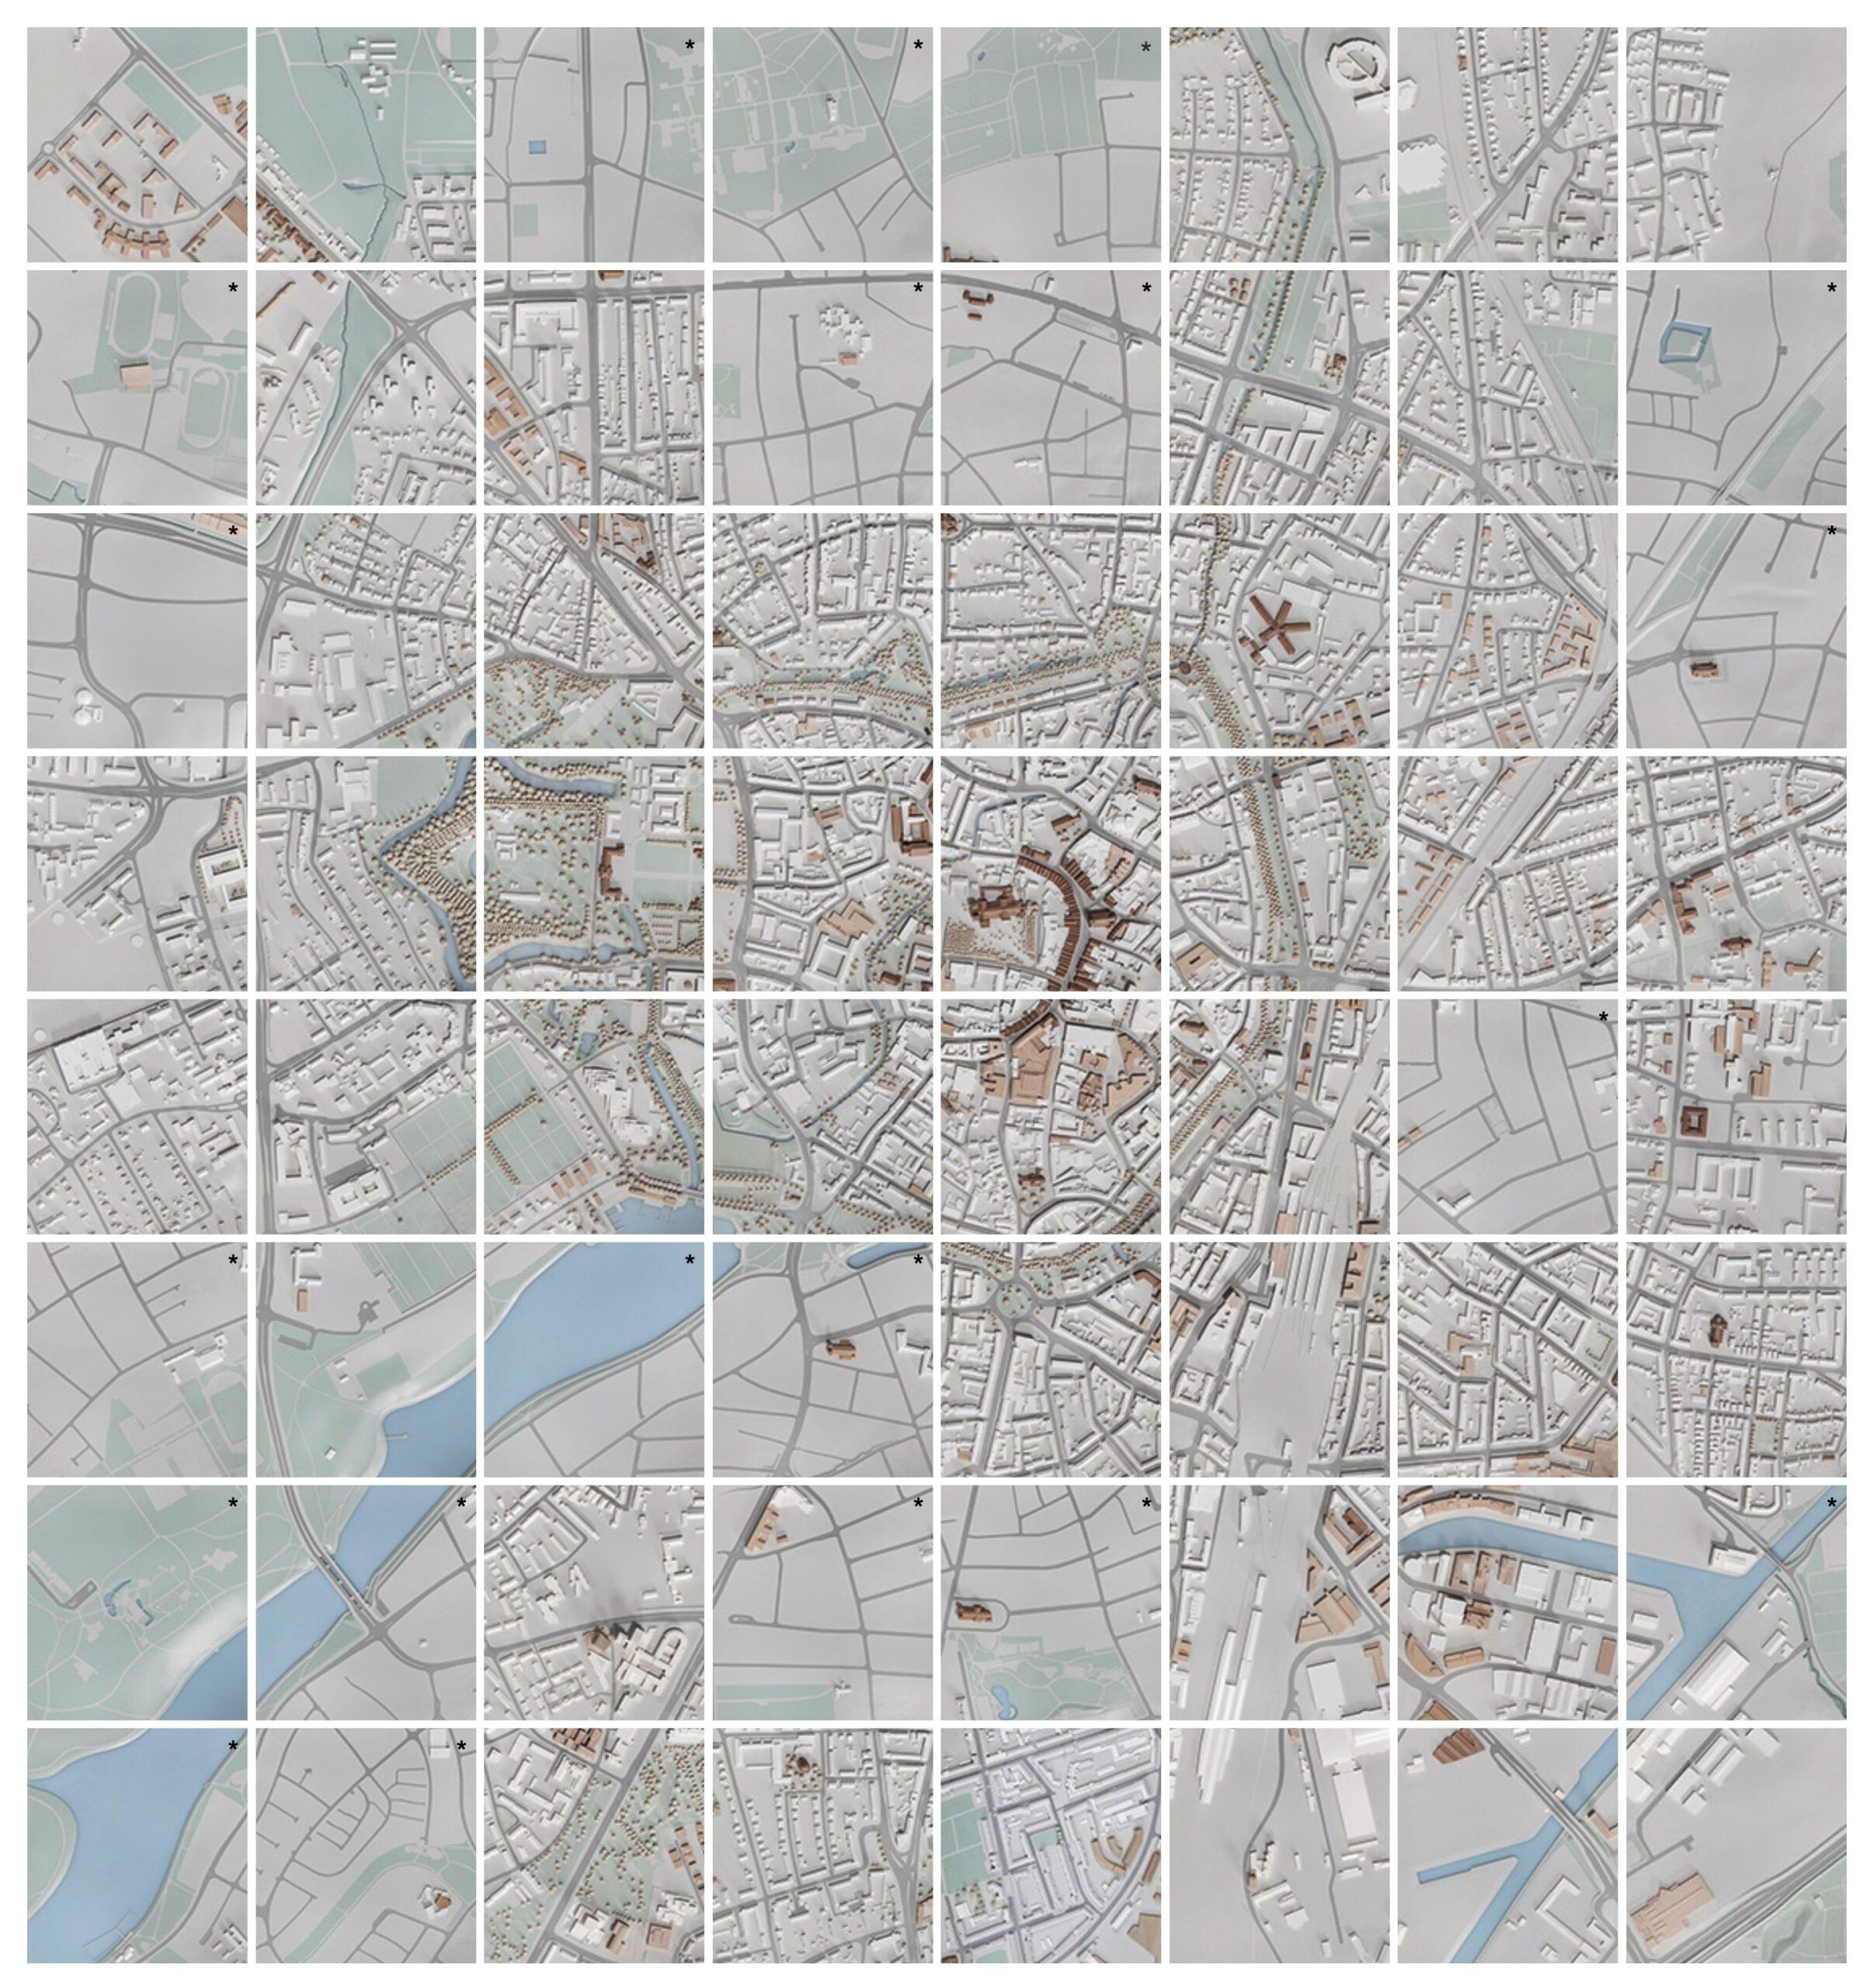 Münster Modell: Innenstadt im Maßstab 1:500 - Kernbereich 8 x 8 Meter (64 Platten) - Modellfotos: Roland Borgmann